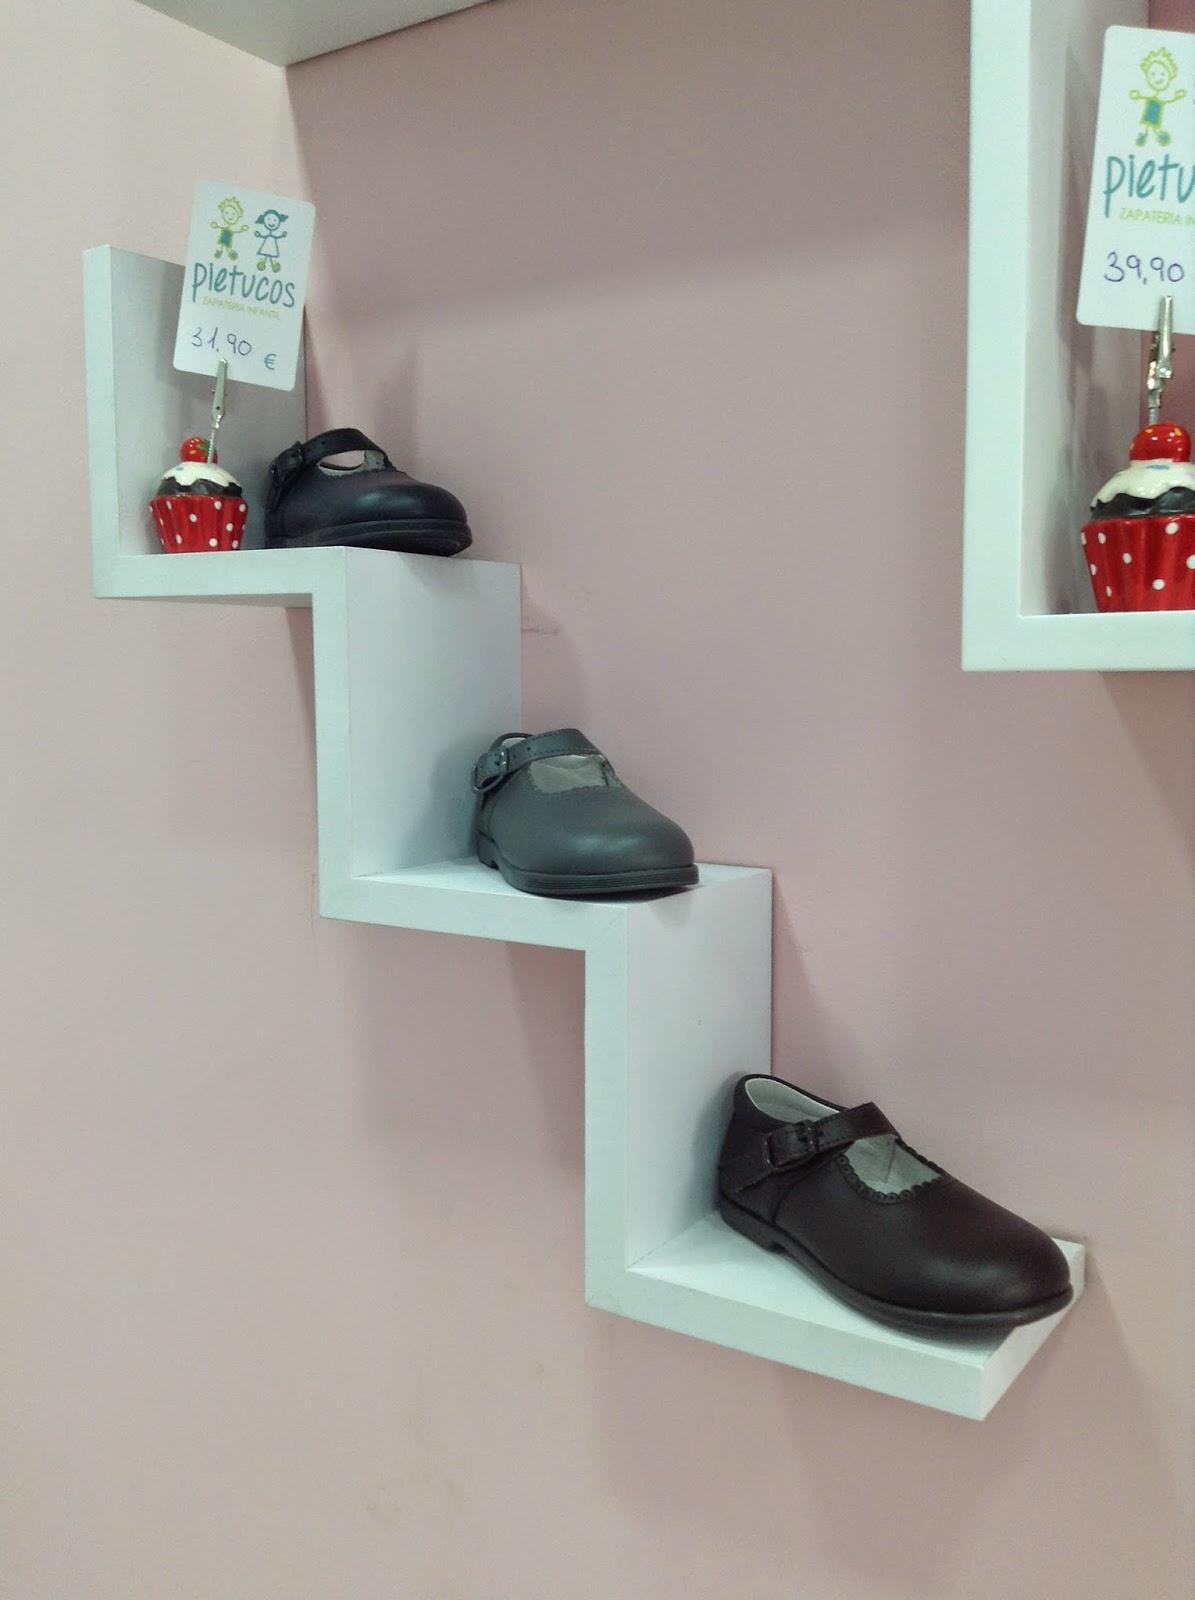 Imagenes de Zapatos Escolares Para Tus Hijos Imagenes  - imagenes de zapatos escolares